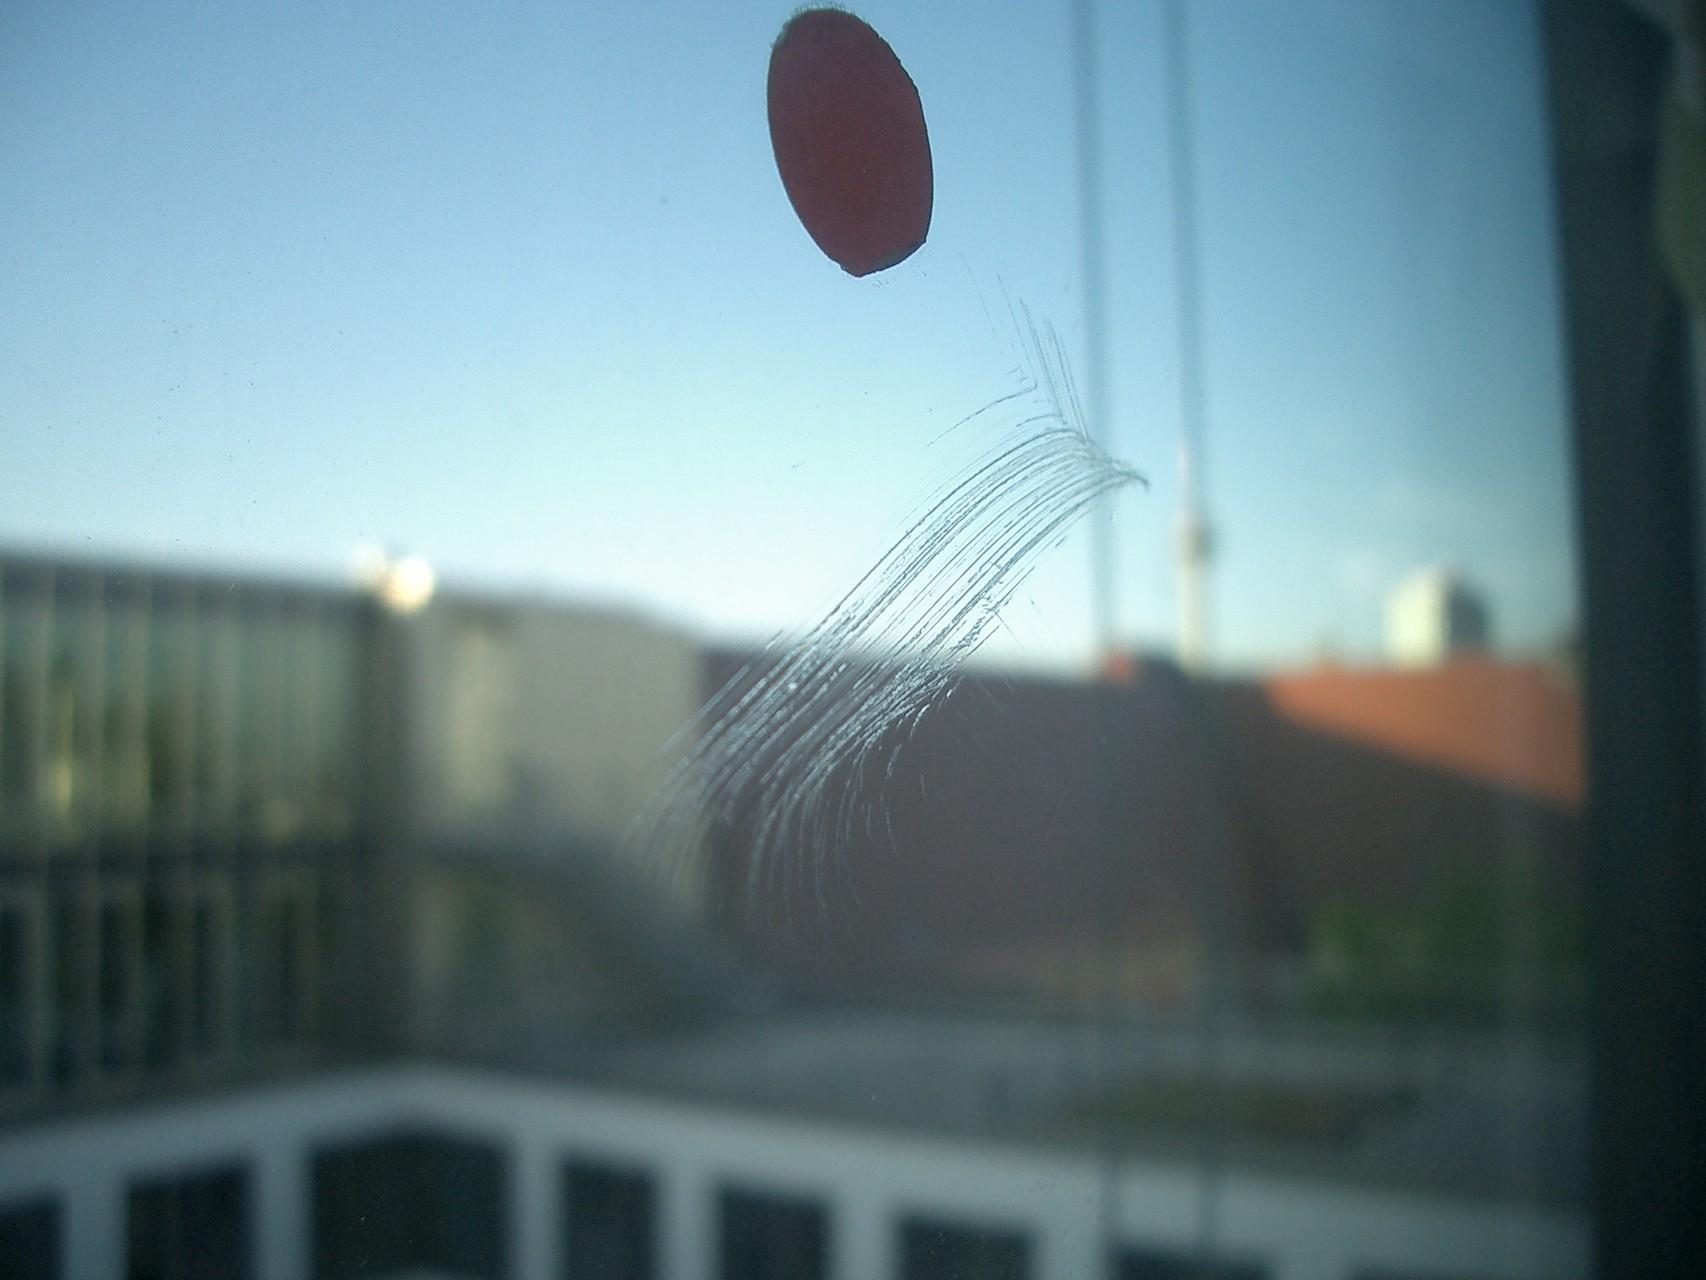 Glasschaden durch Glaskratzer - Kratzeranhäufung winkel